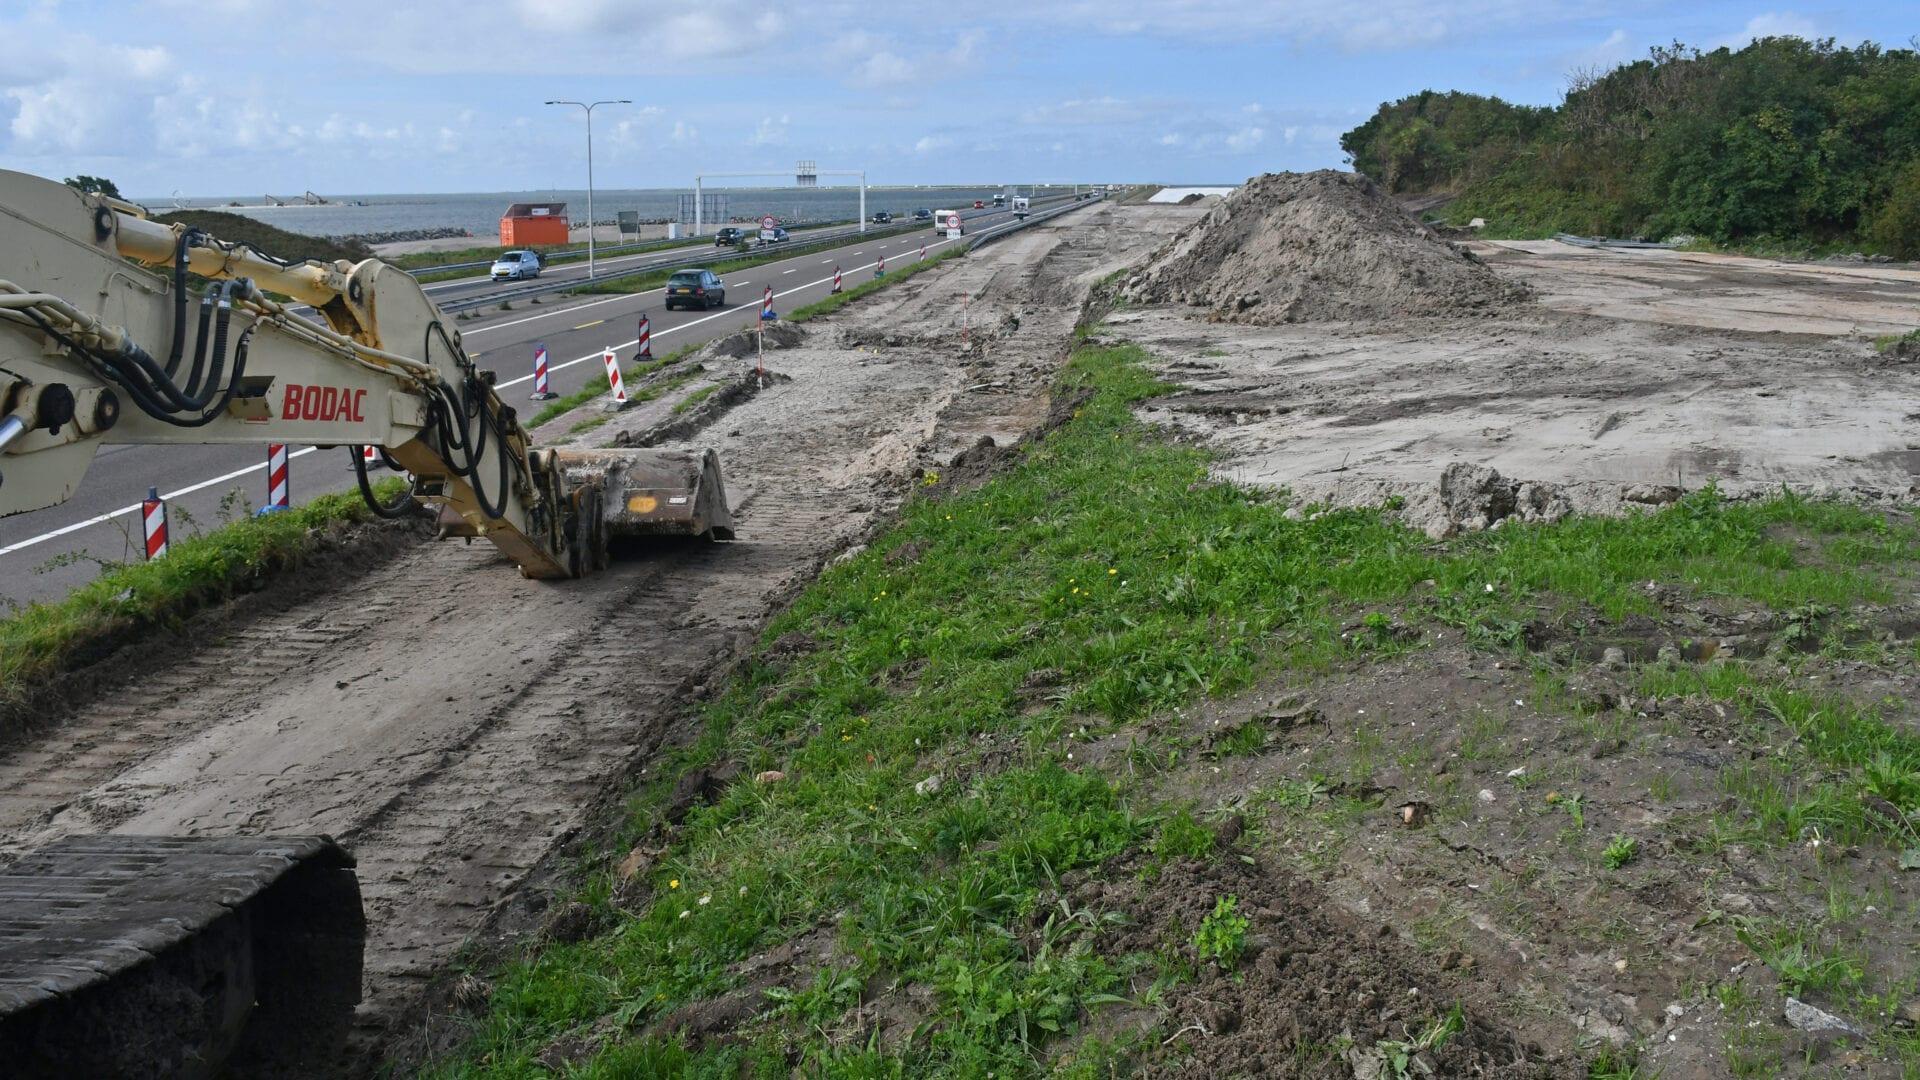 Bij de coupure zien we een tijdelijk aangelegde weg.